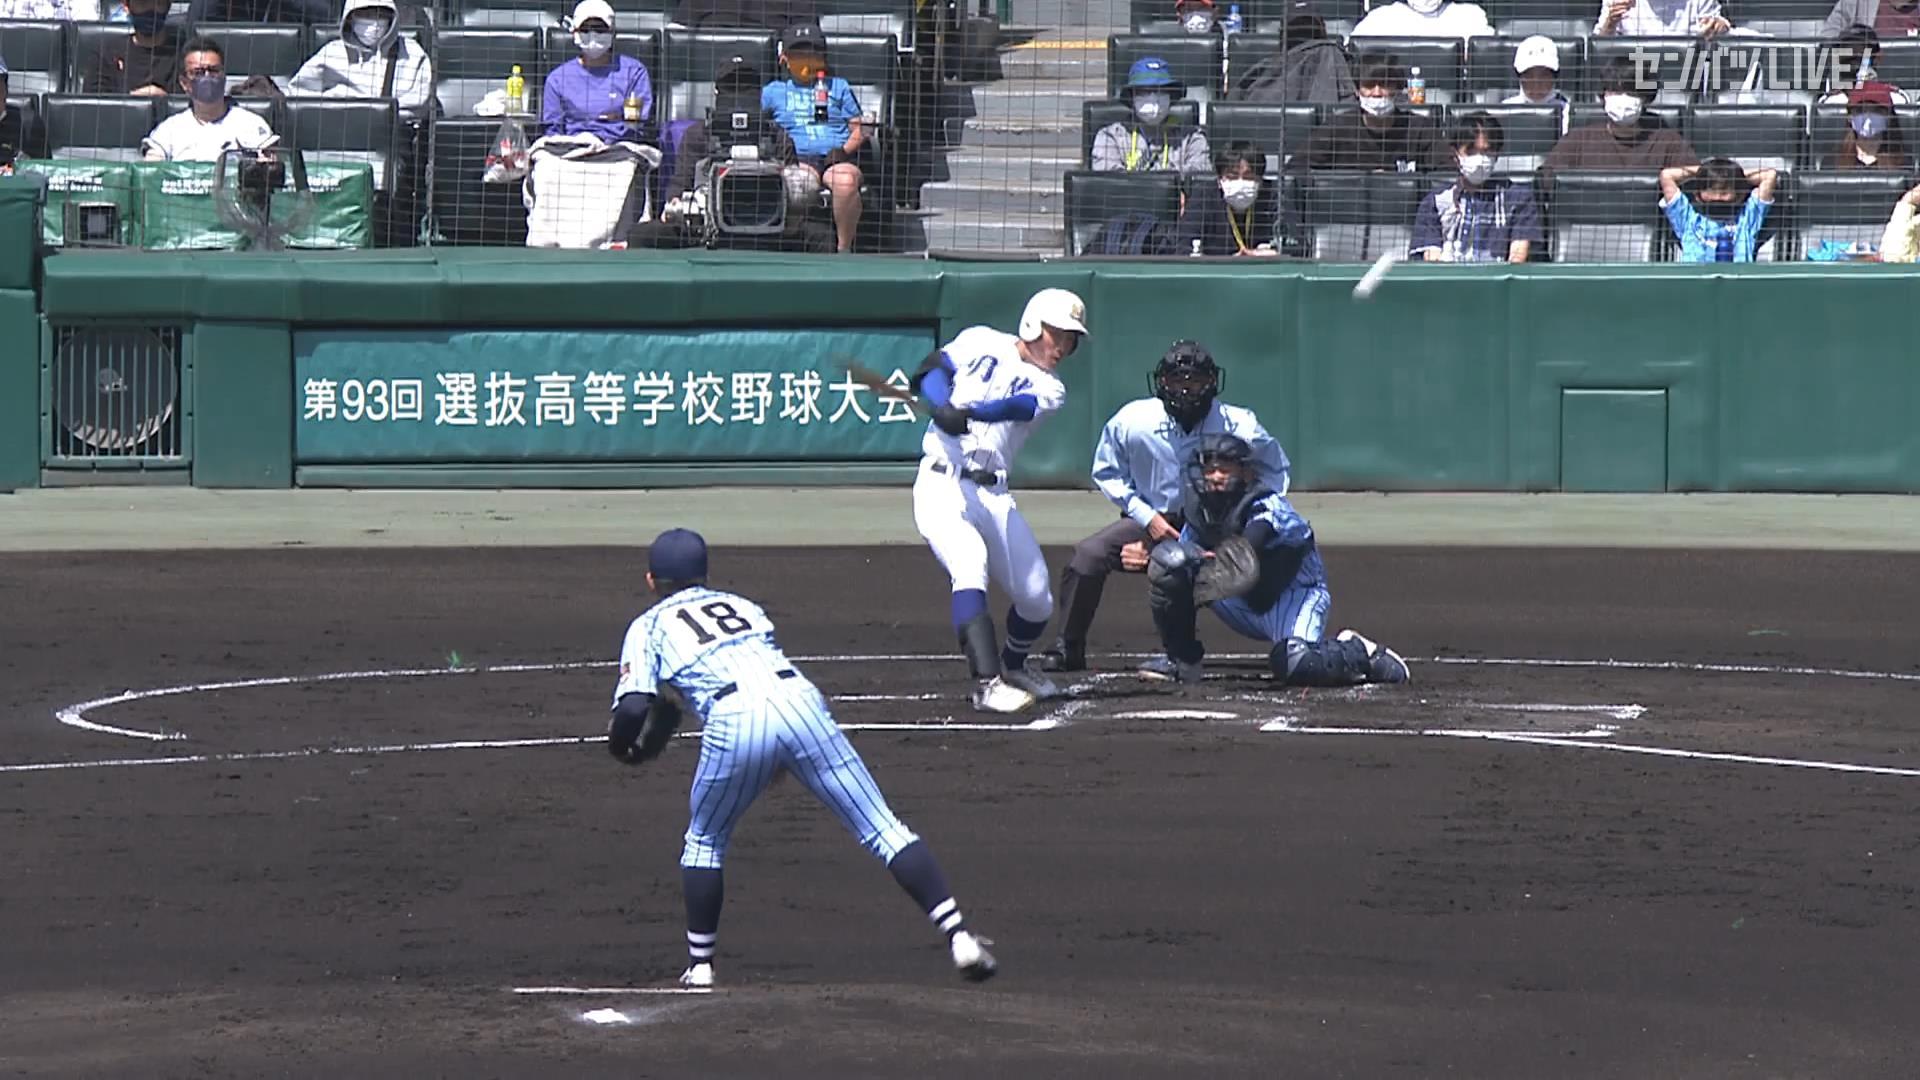 【センバツ高校野球】東海大相模 - 明豊 1回表 明豊・黒木 日向の打席。二死三塁、レフトへのタイムリーヒットで先制。